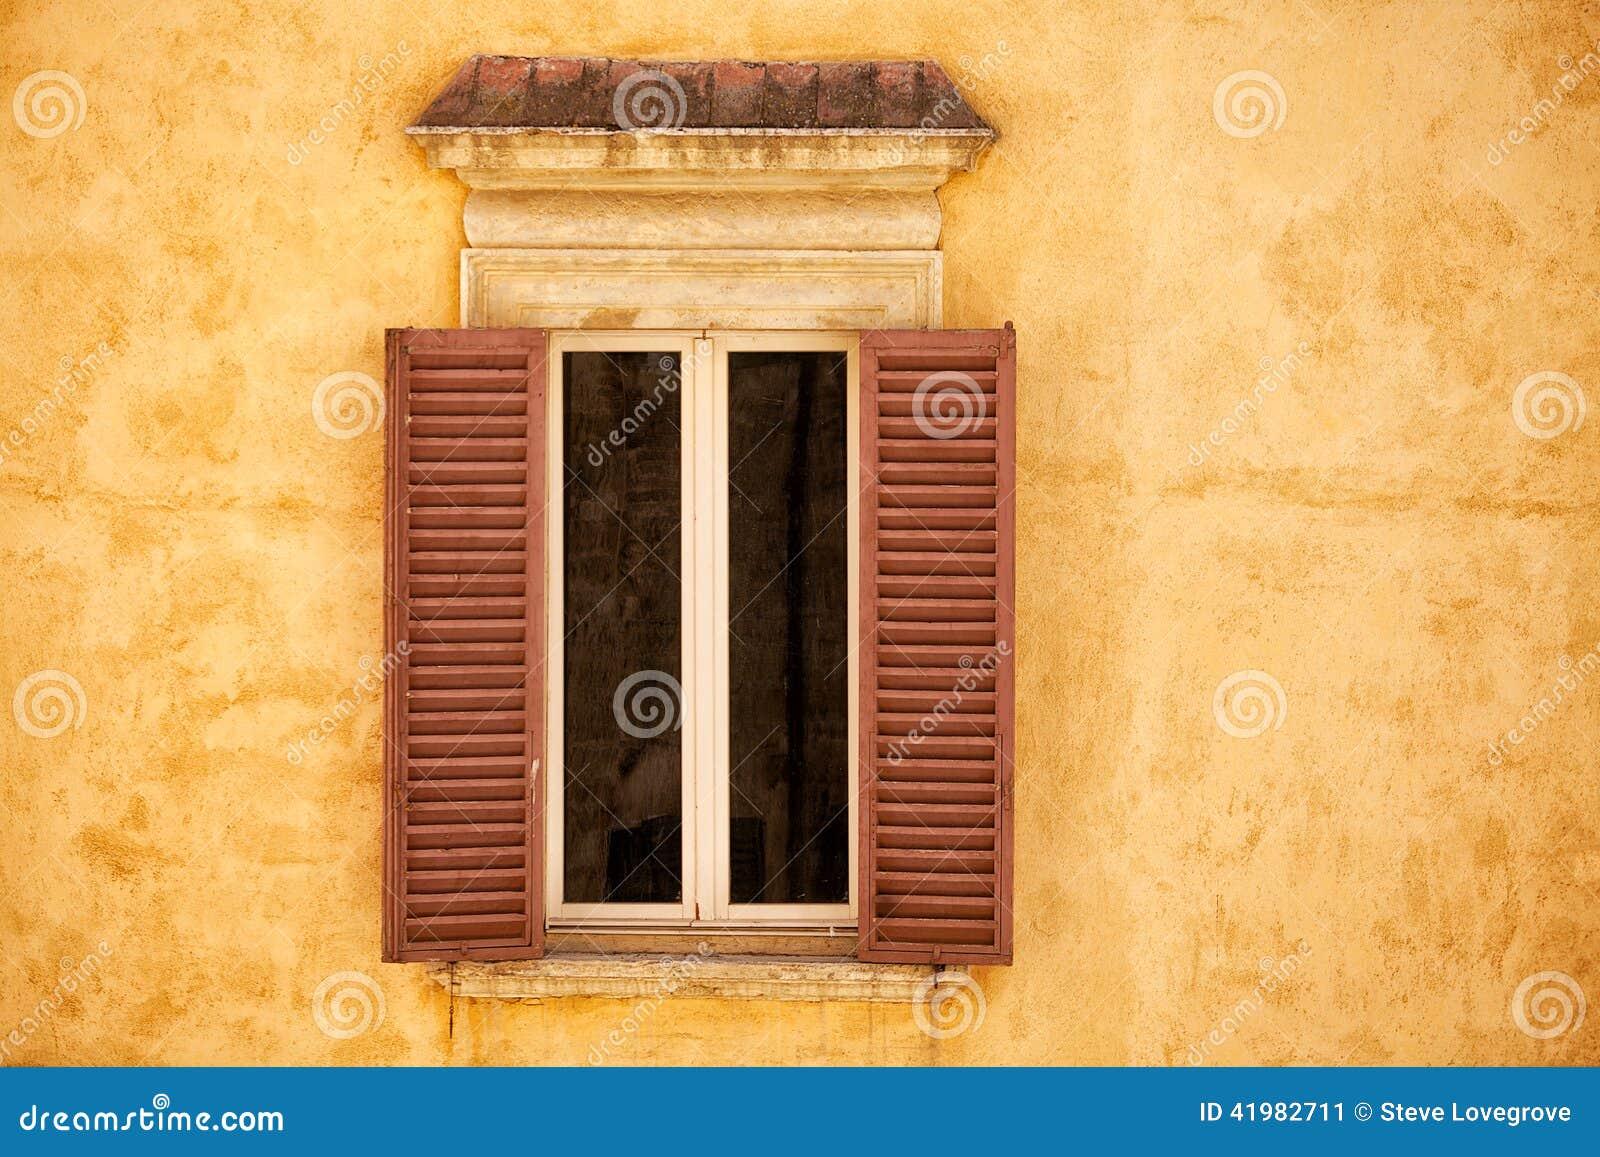 Villafönster Arkivfoto - Bild: 41982711